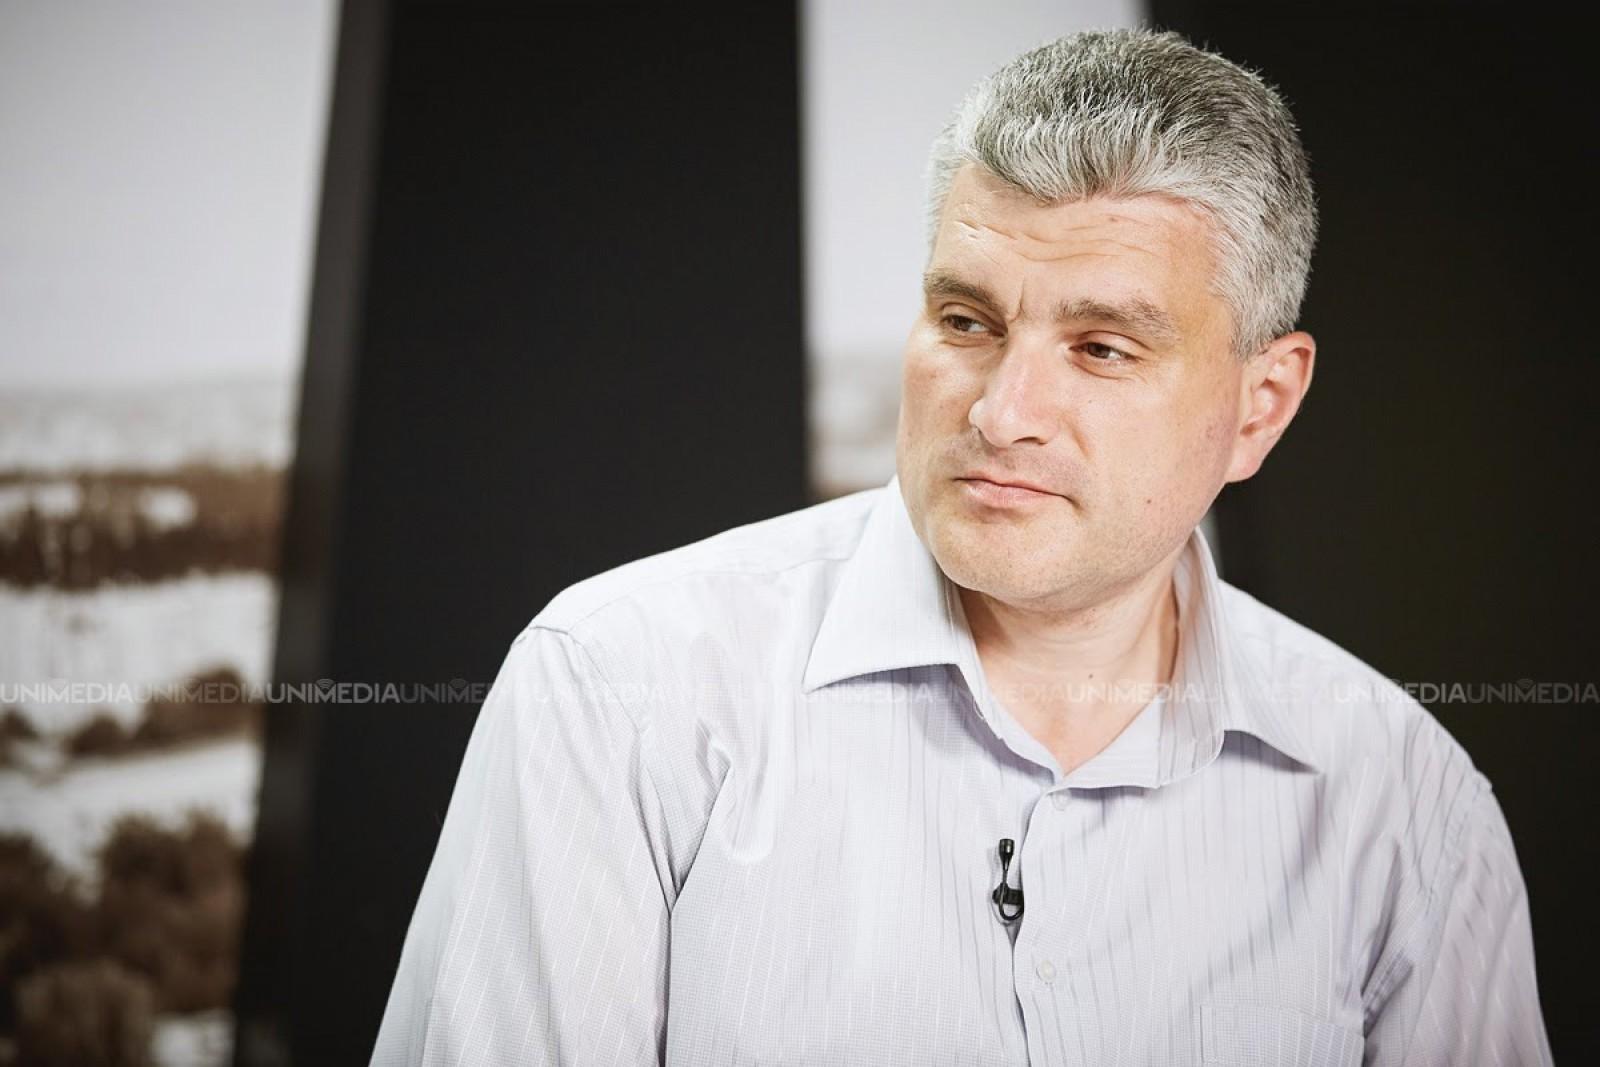 Alexandru Slusari susține că primarii și președinții din diferite raioane ale țării sunt impuși să semneze o adresare către oficialii europeni în urma Rezoluției PE